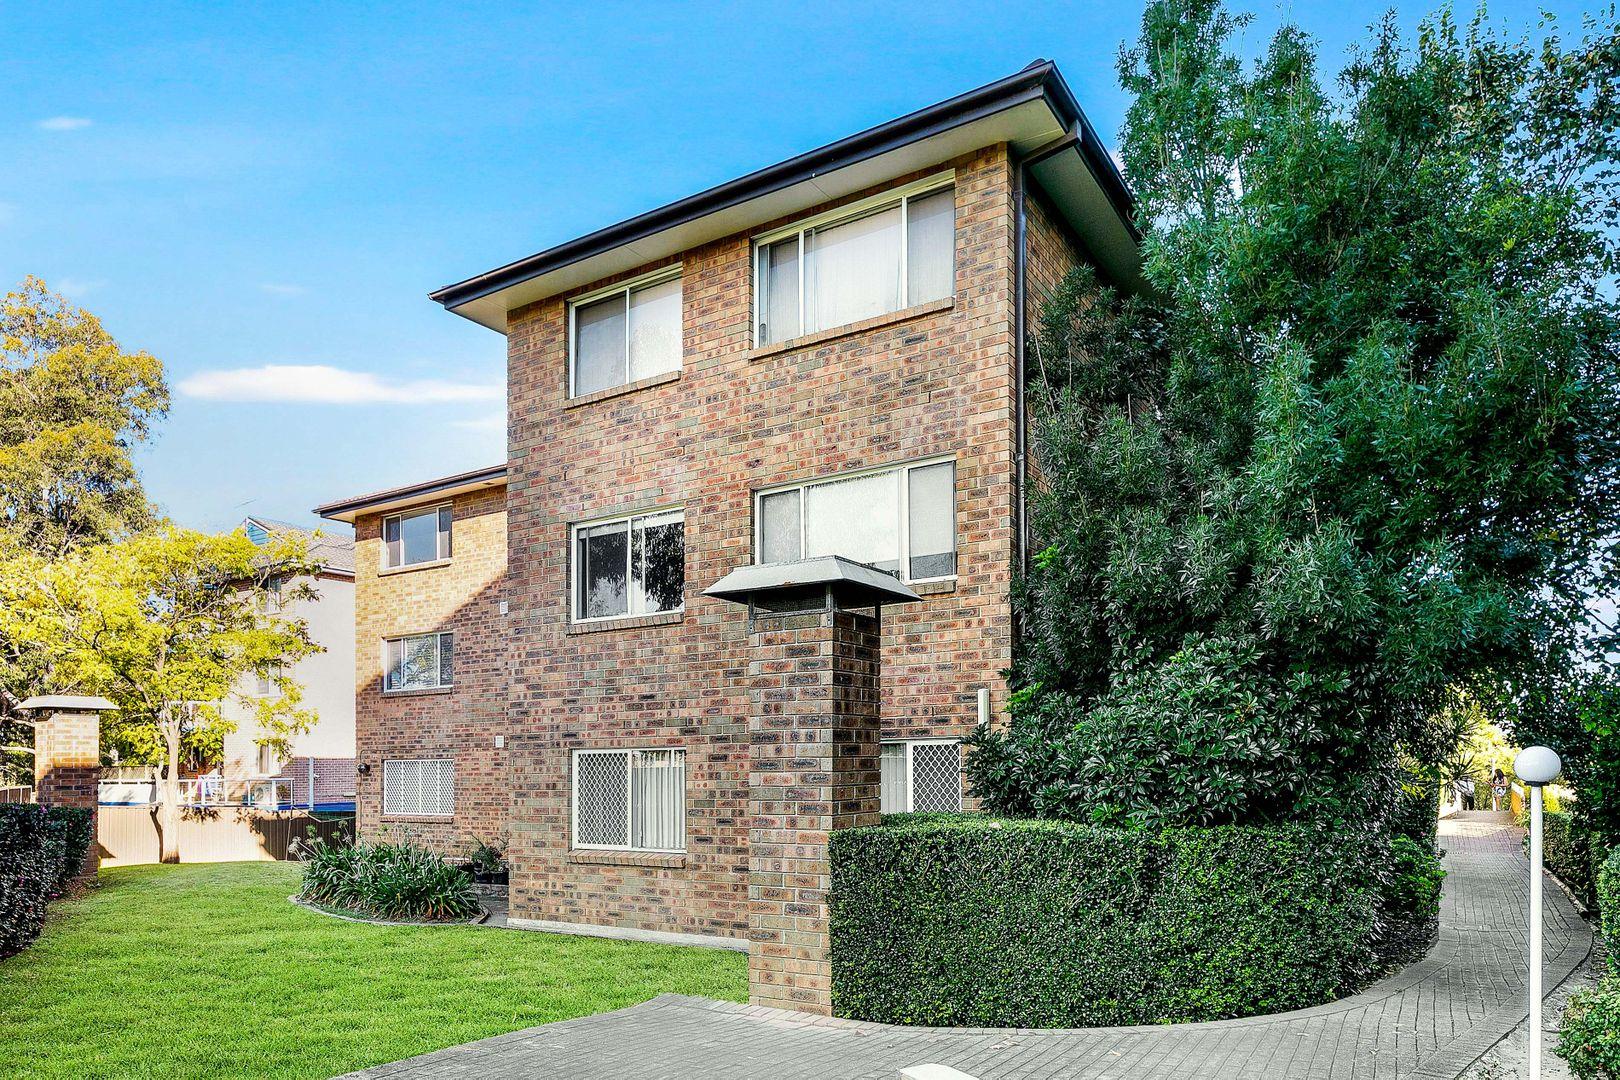 18/21-23 Devitt  Street, Blacktown NSW 2148, Image 0